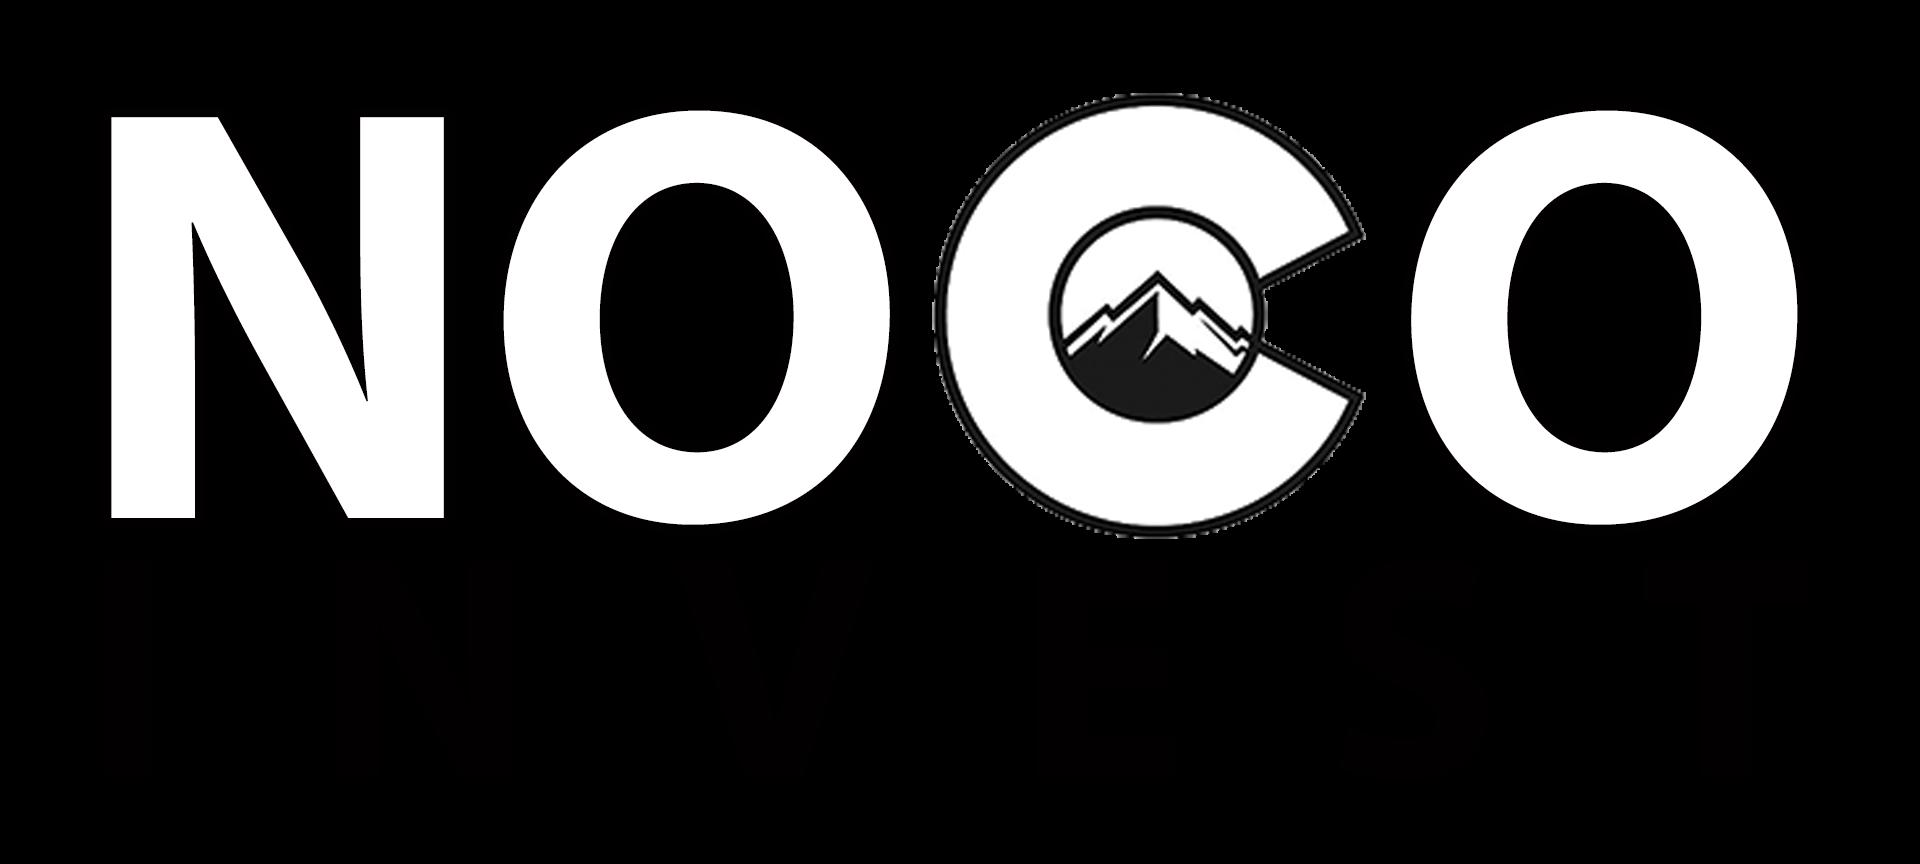 NOCO Invest logo